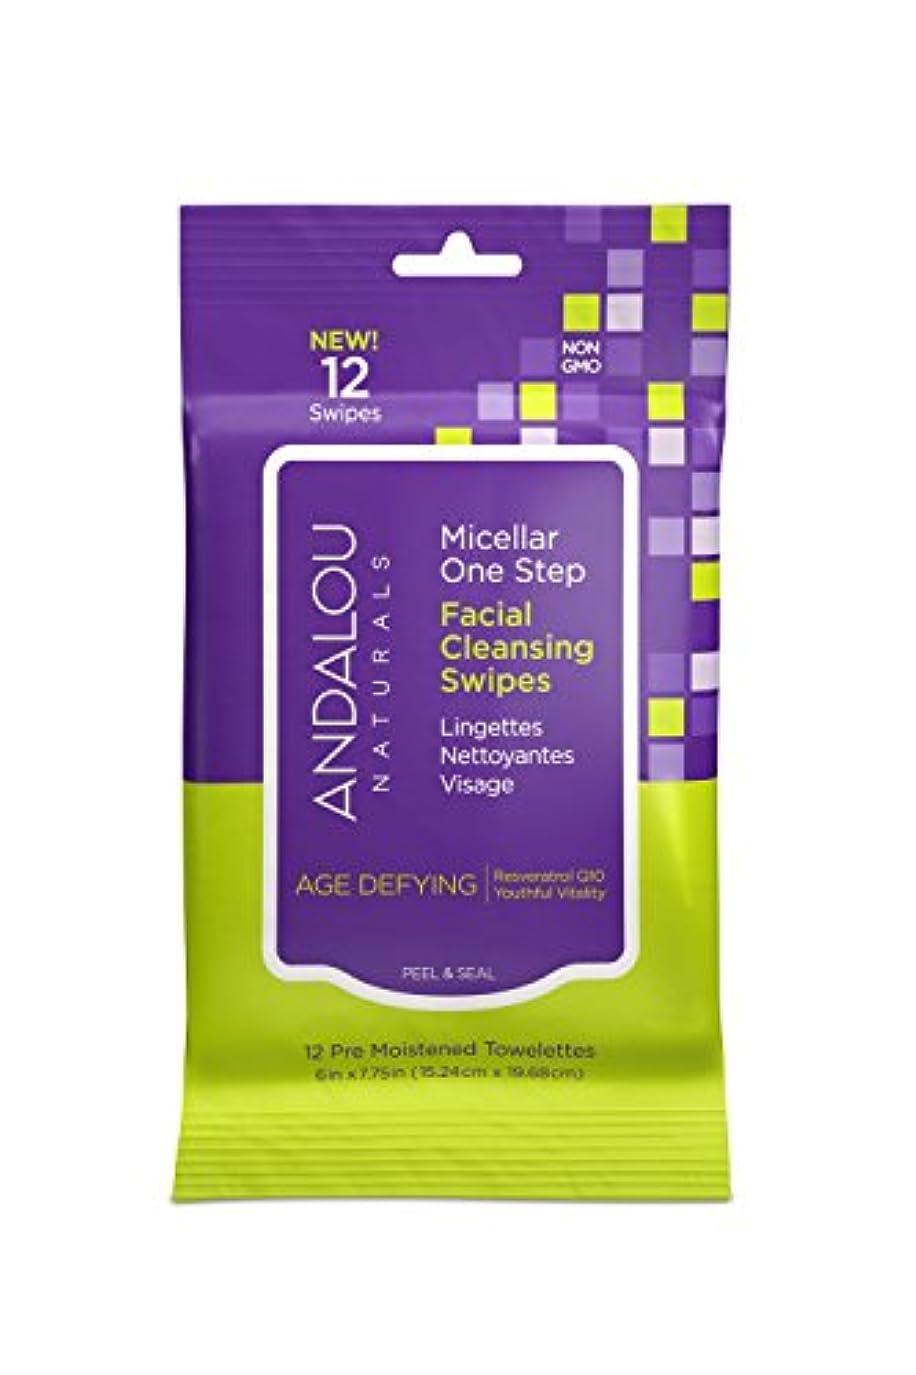 パテようこそステーキオーガニック ボタニカル クレンジングシート 洗顔シート ナチュラル フルーツ幹細胞 「 Aミセラスワイプ 12枚入り 」 ANDALOU naturals アンダルー ナチュラルズ